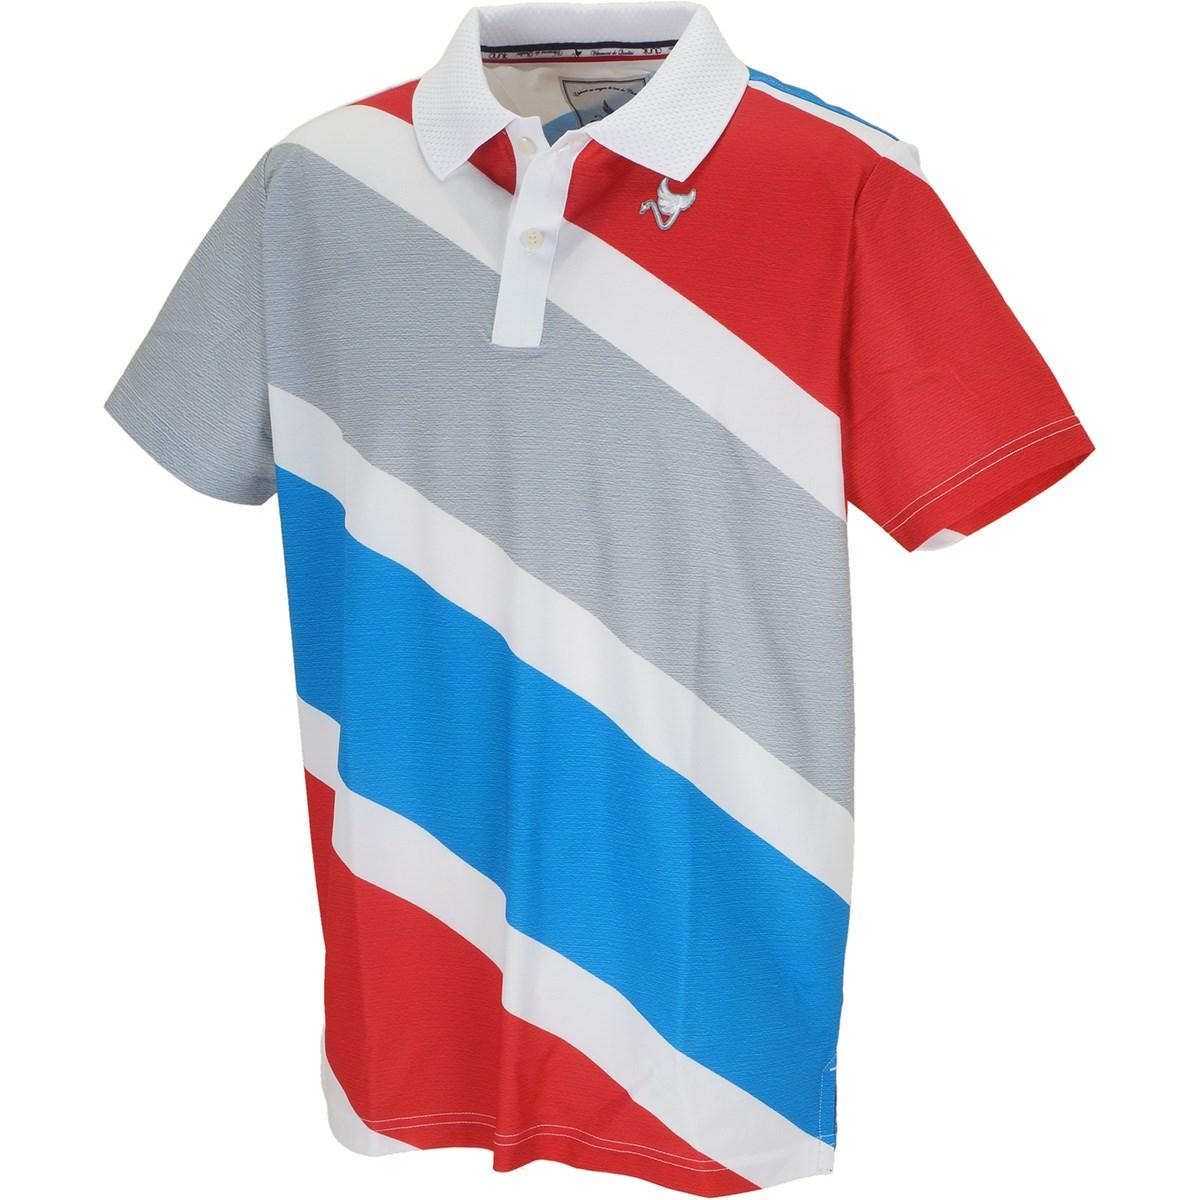 クランク(Clunk) ストレッチ トリコロール 半袖ポロシャツ